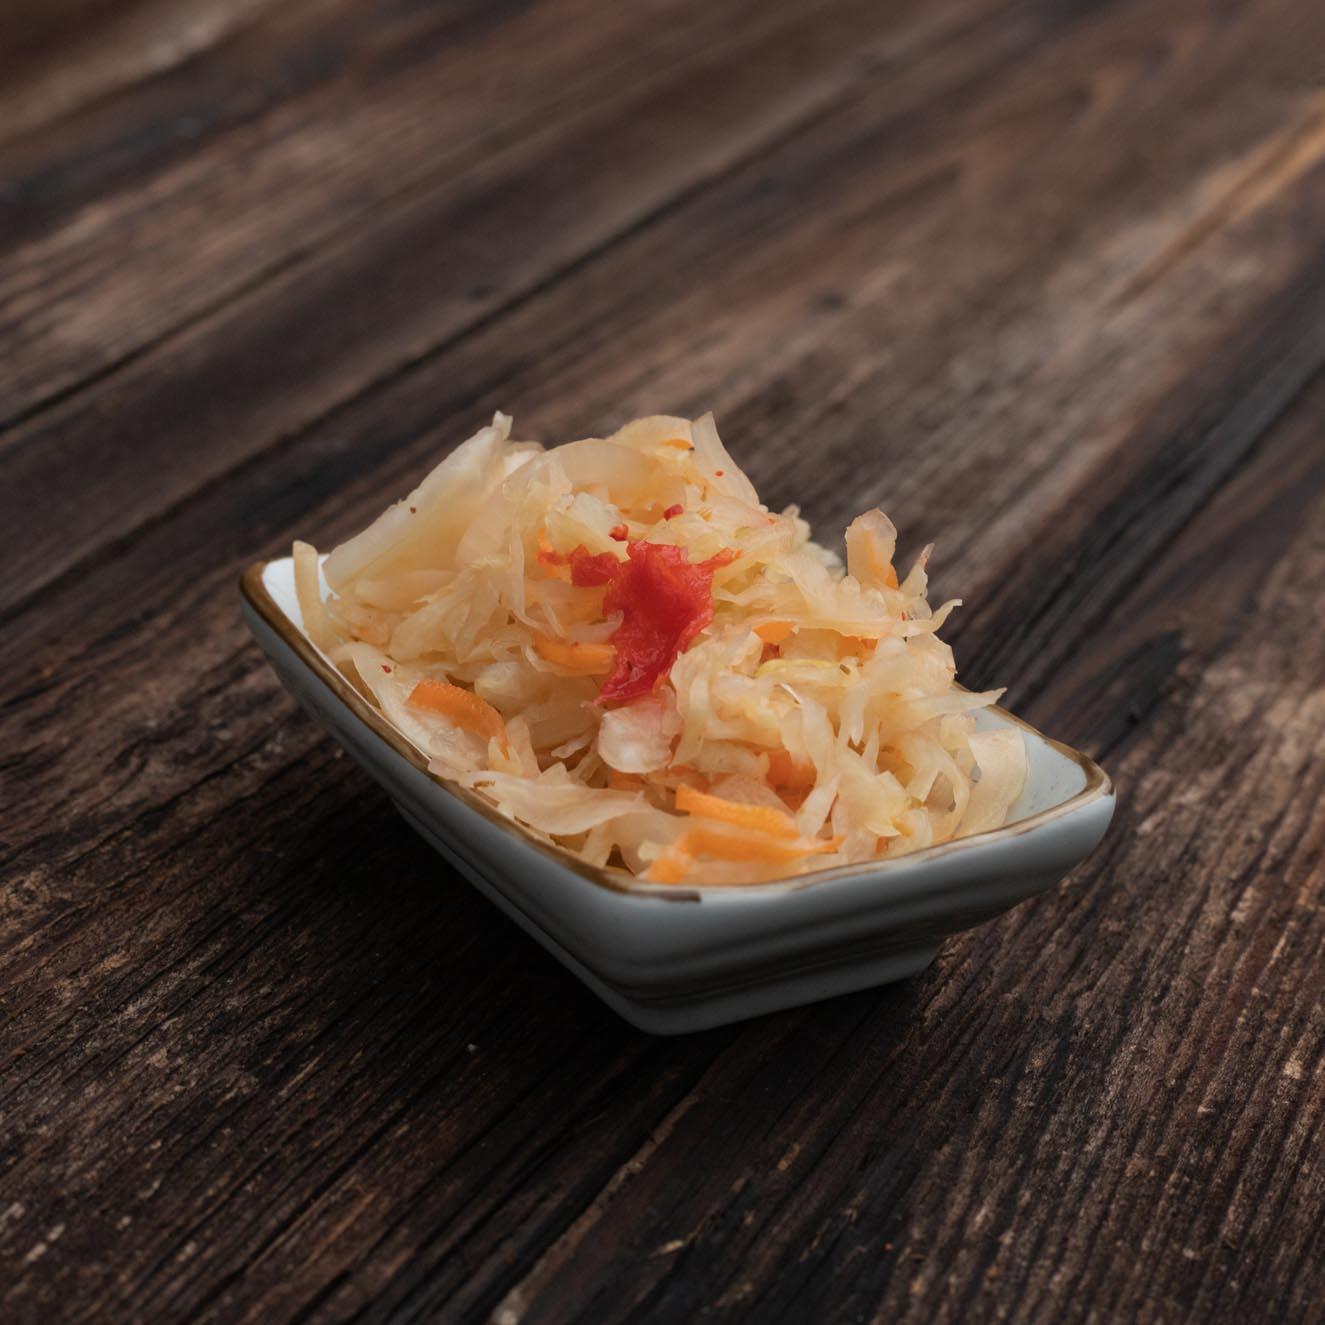 Fermentiertes Gemüse von Schnelles Grünzeug, hier Curtido Salat